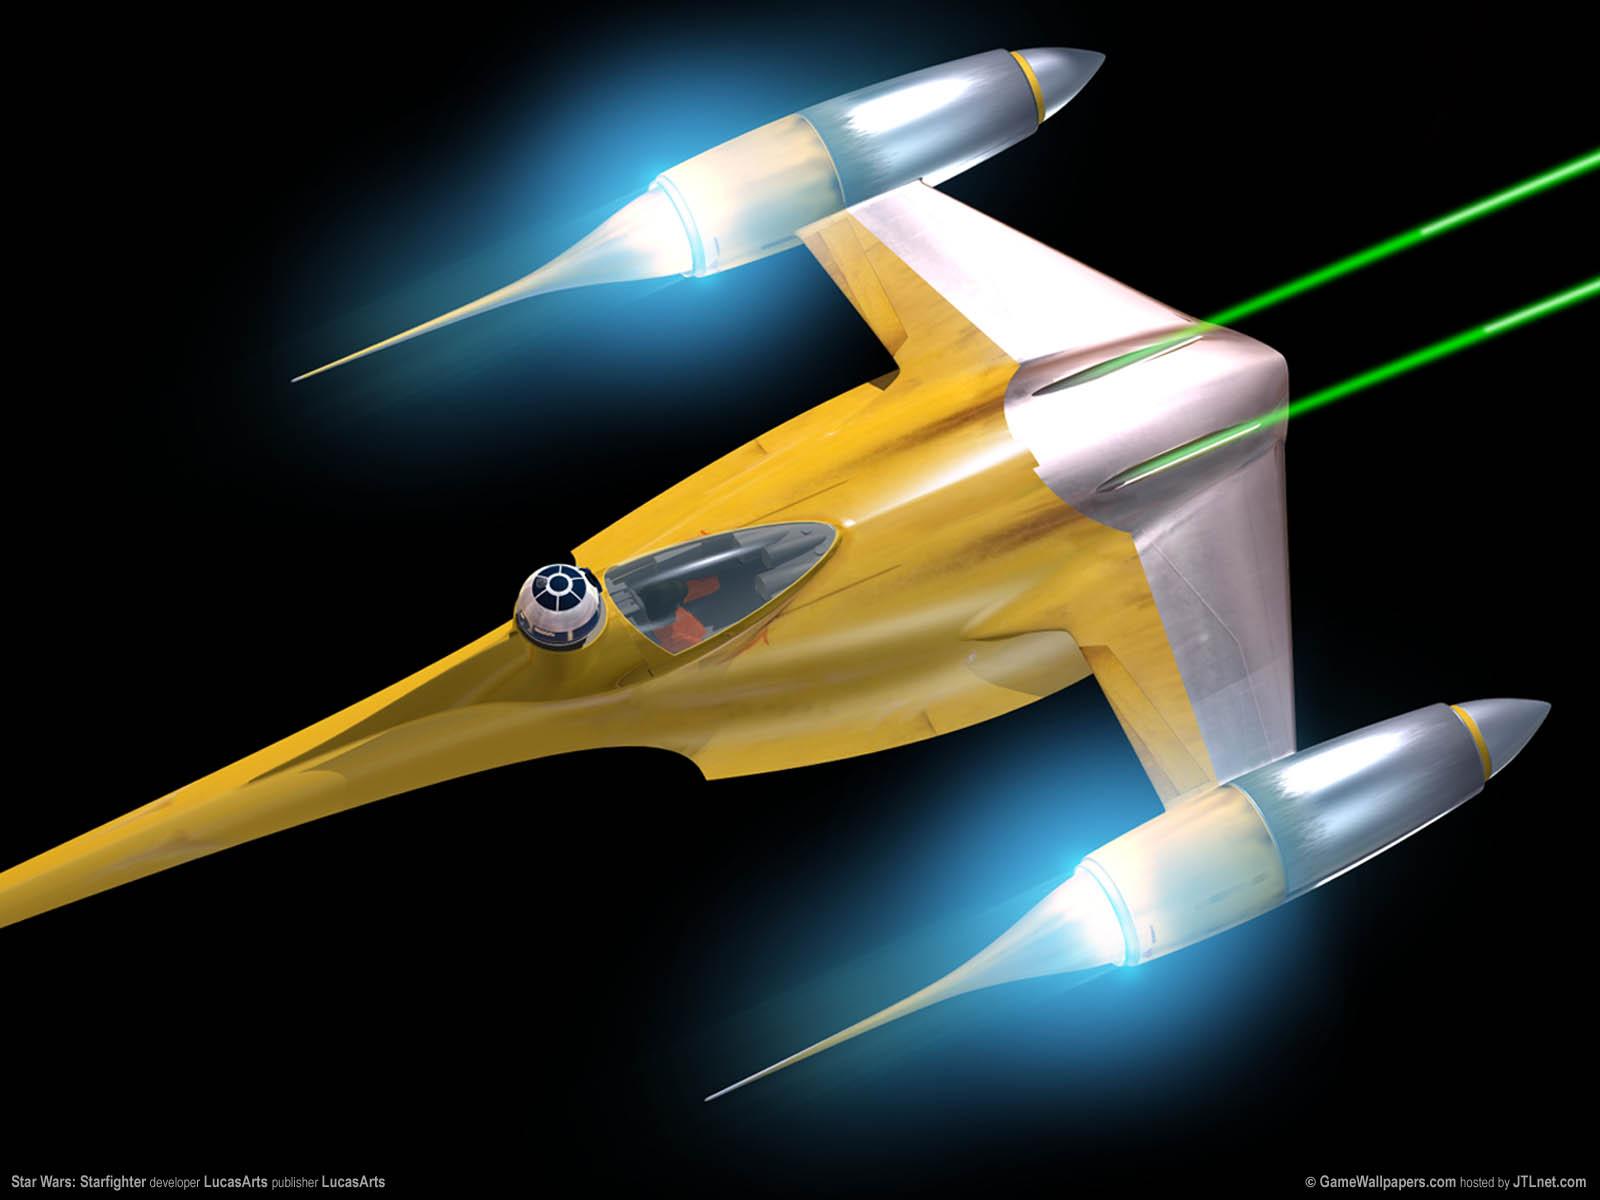 Star Wars: Starfighterνmmer=02 achtergrond  1600x1200